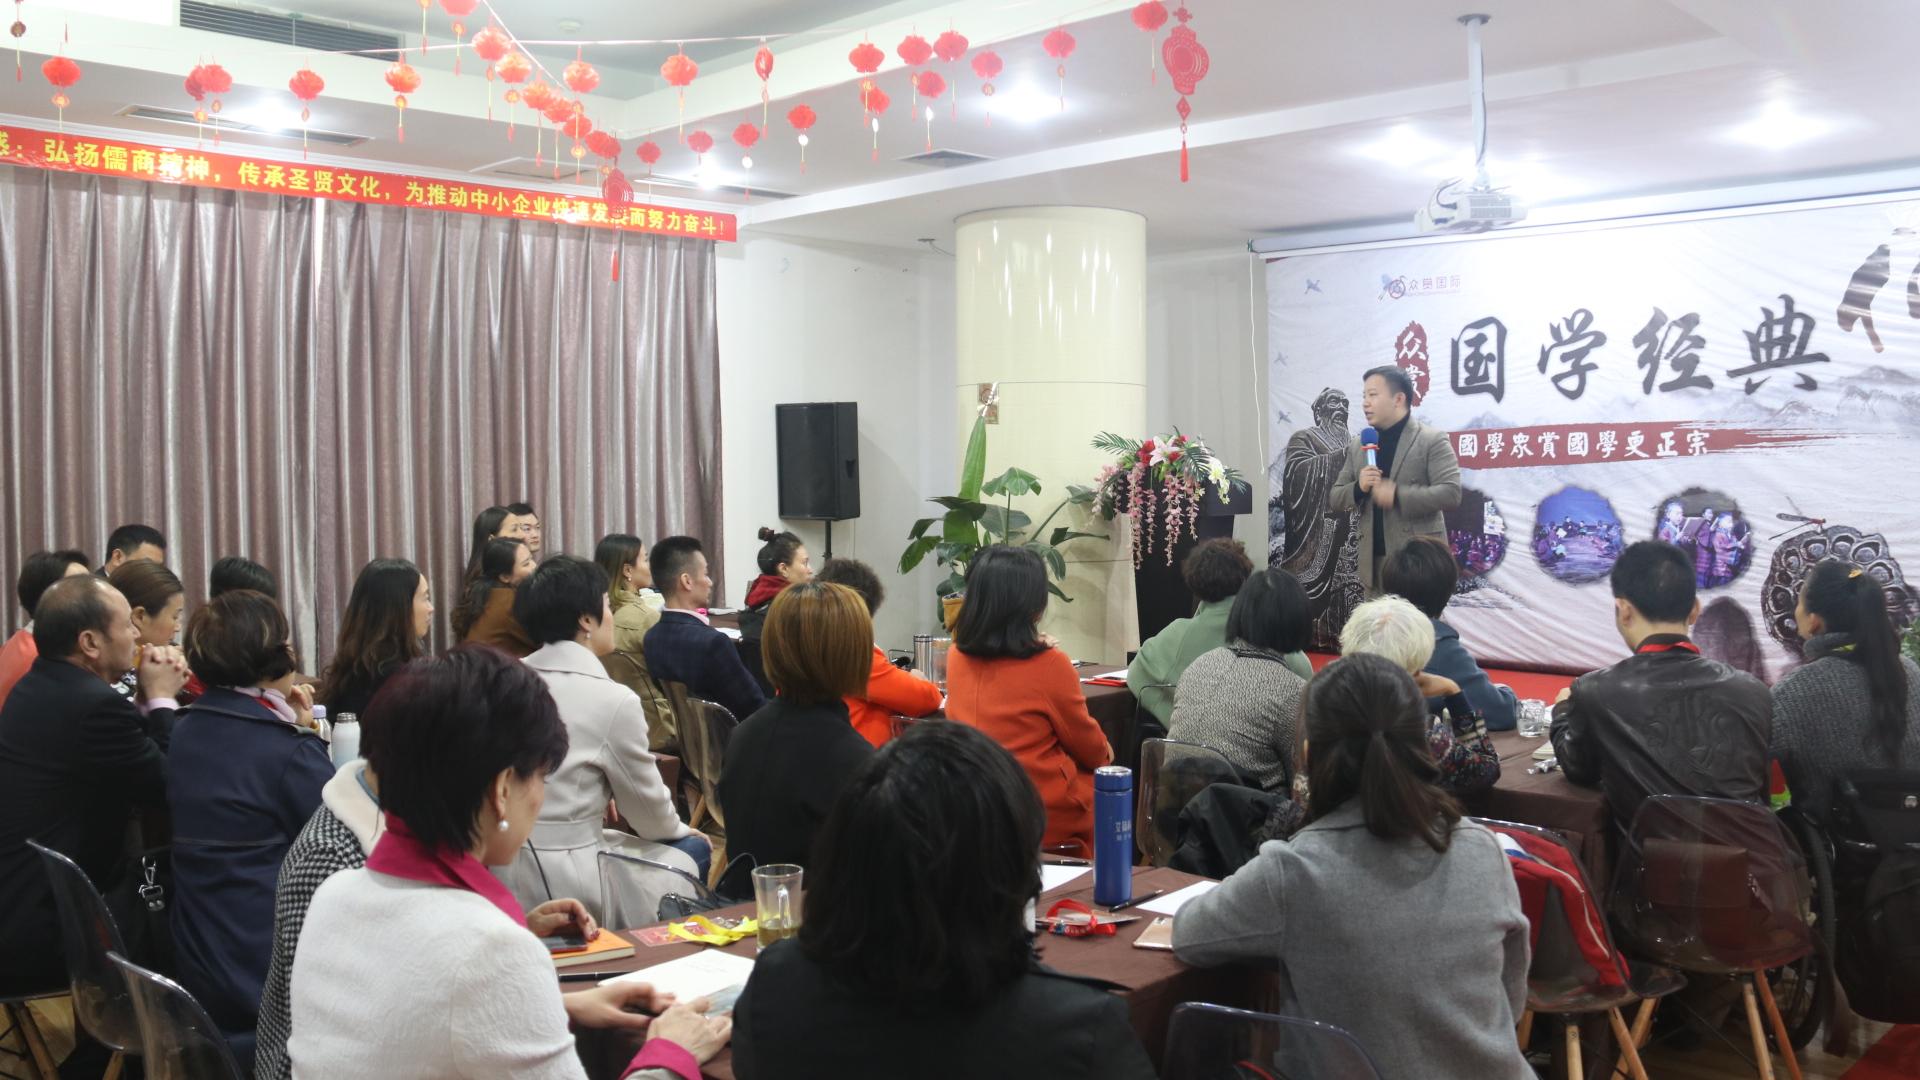 国学妈妈五行导师团密训:只有足够强大,才能脱颖而出!